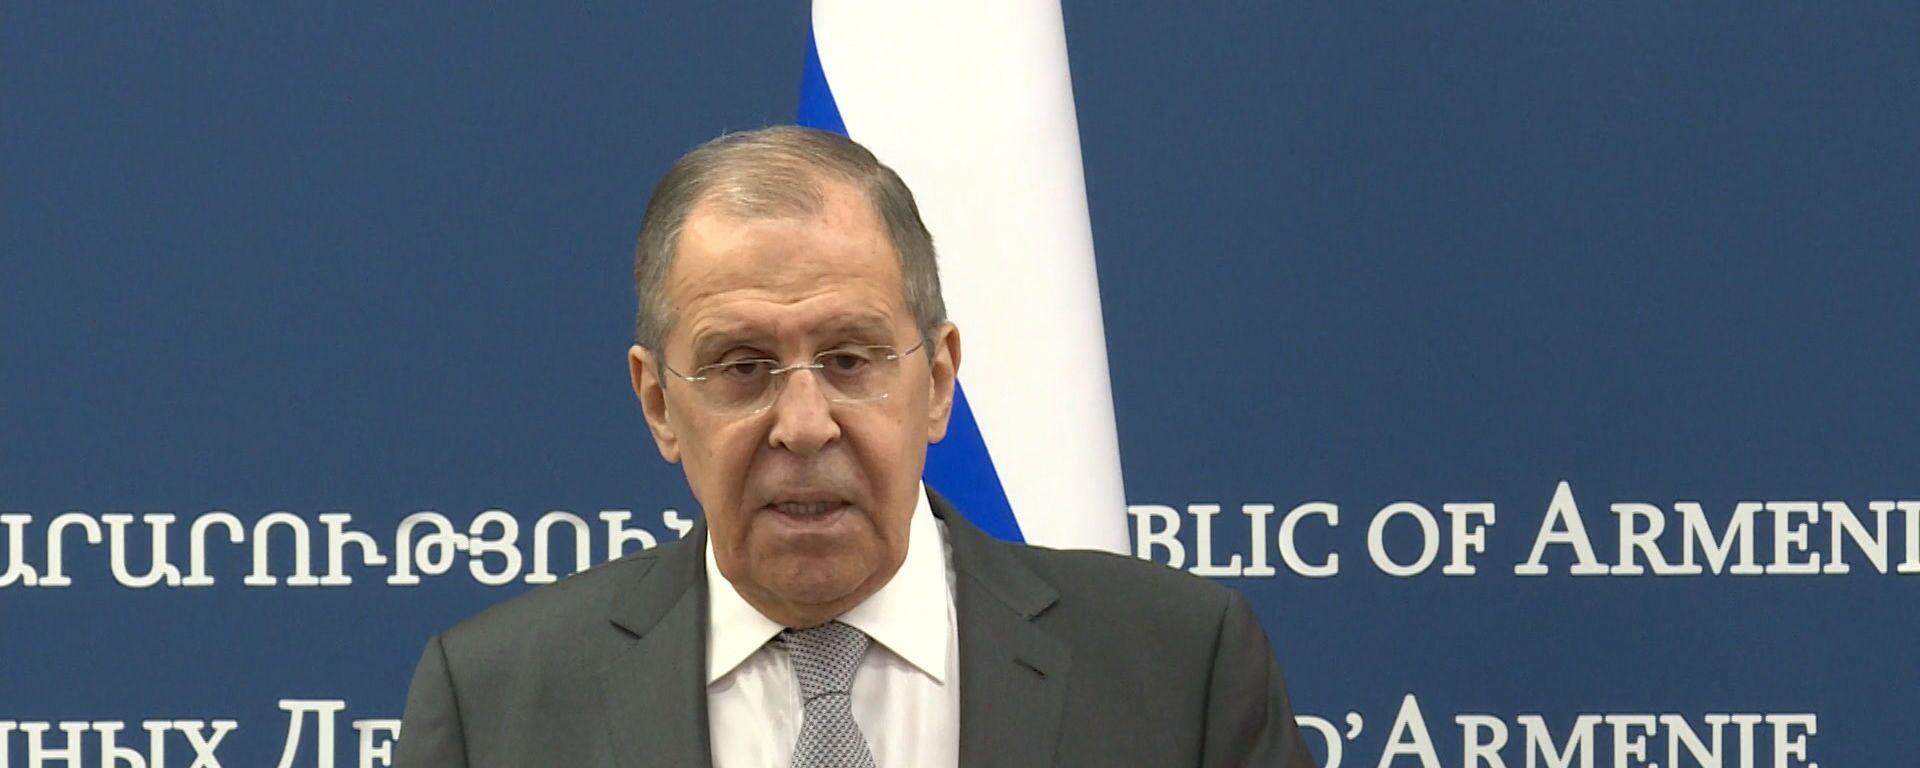 Лавров жестко ответил на угрозы ЕС о новых санкциях против России - Sputnik Латвия, 1920, 07.05.2021